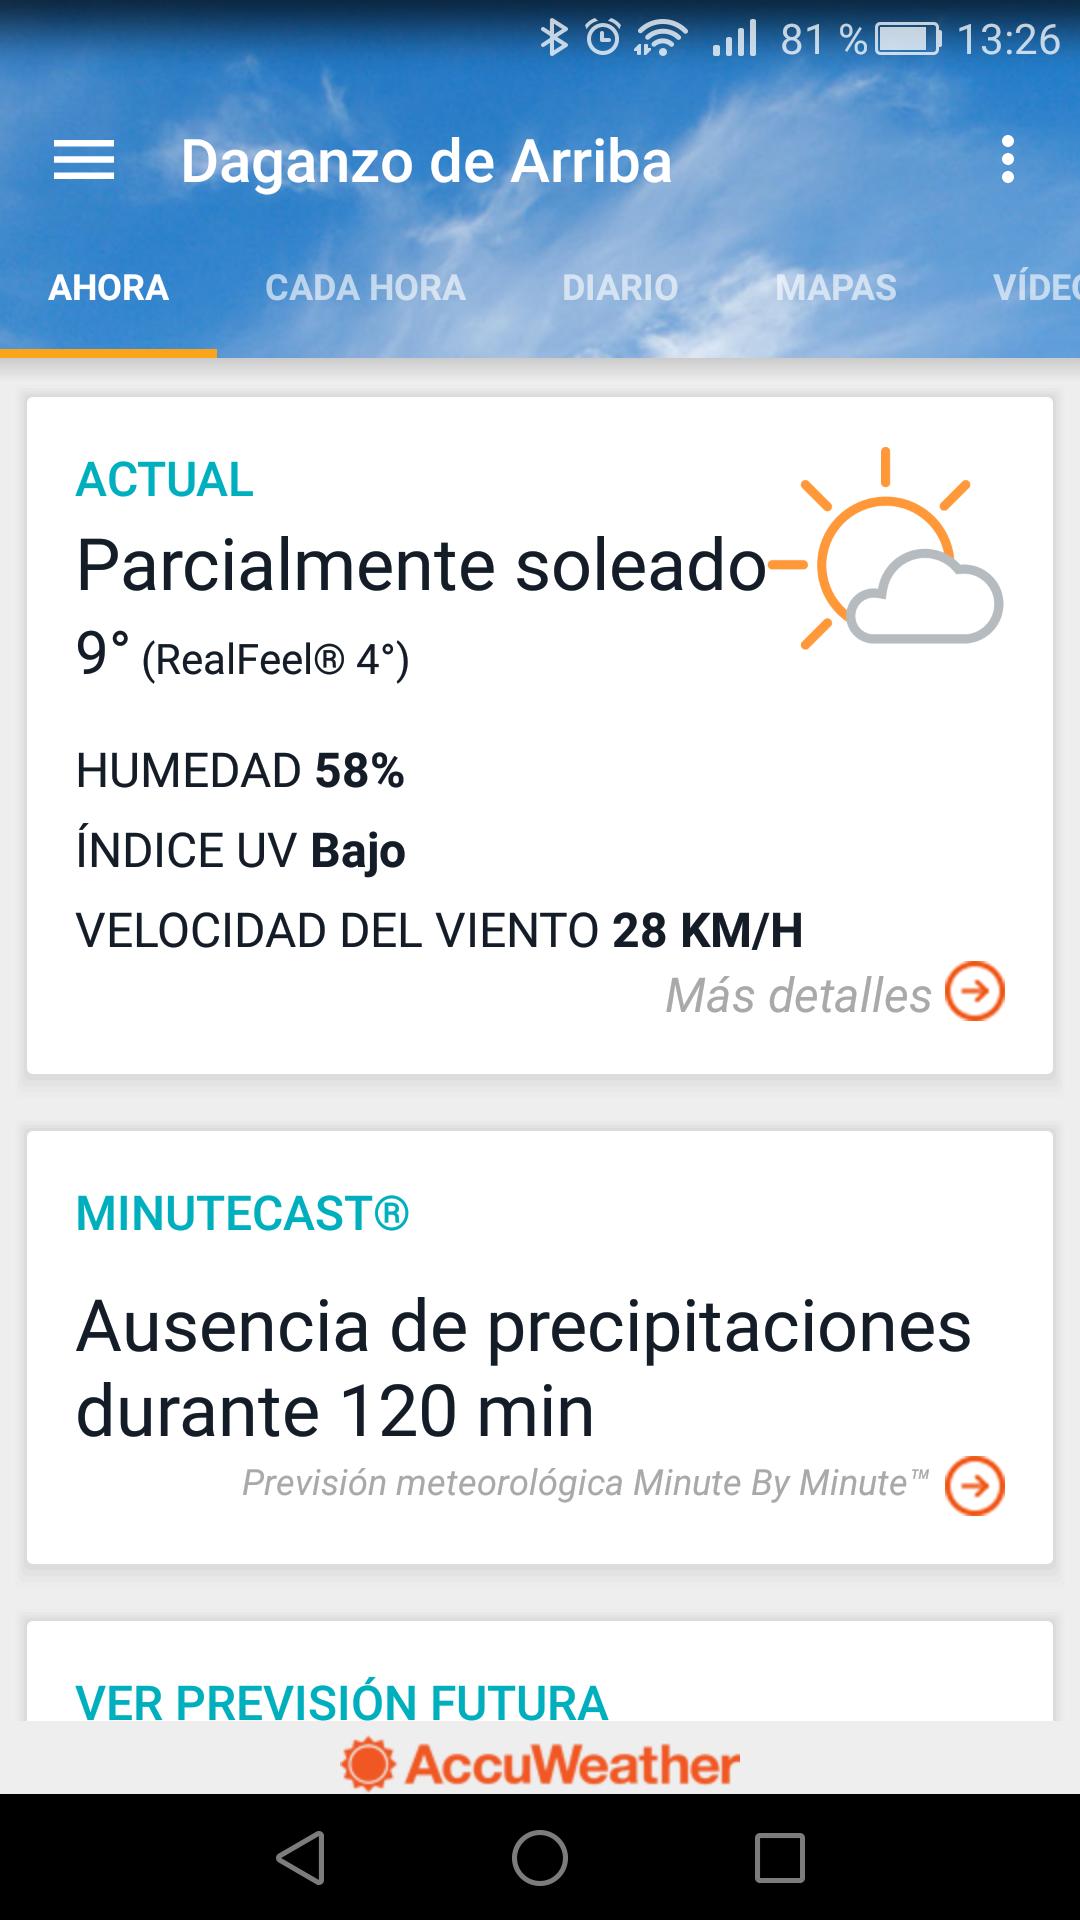 Interfaz de la aplicaicón AccuWeather para Android